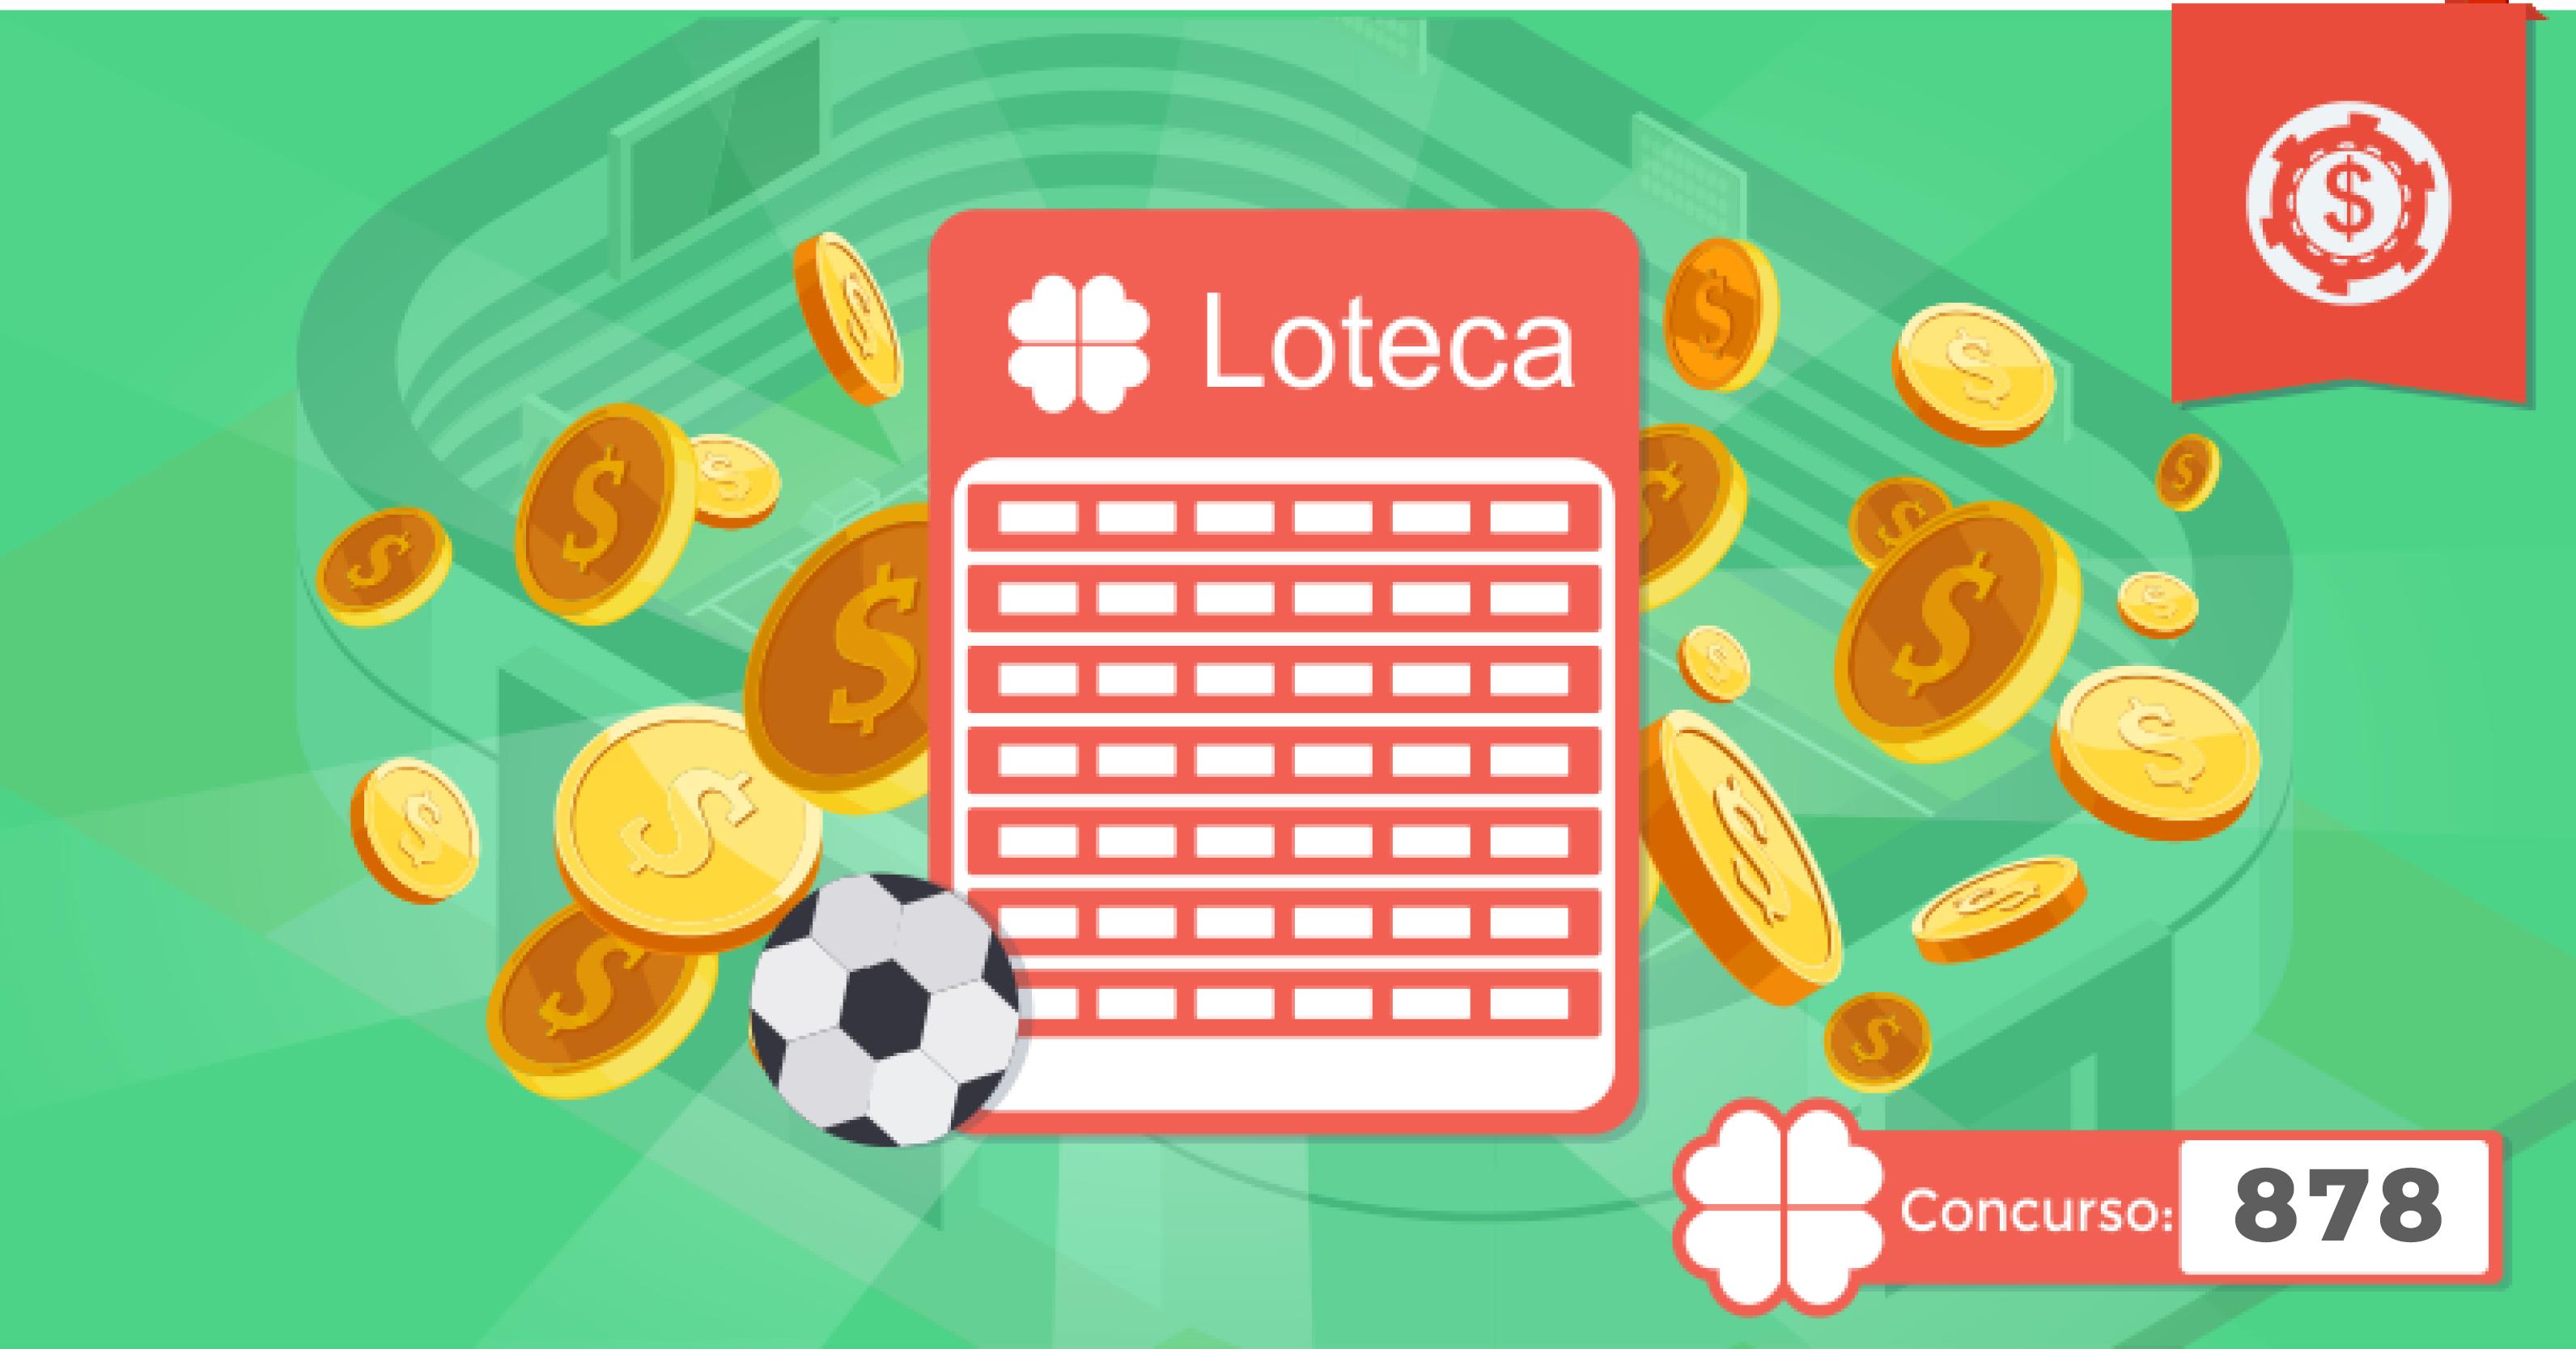 palpites-loteca-878-palpites-loteca-semana